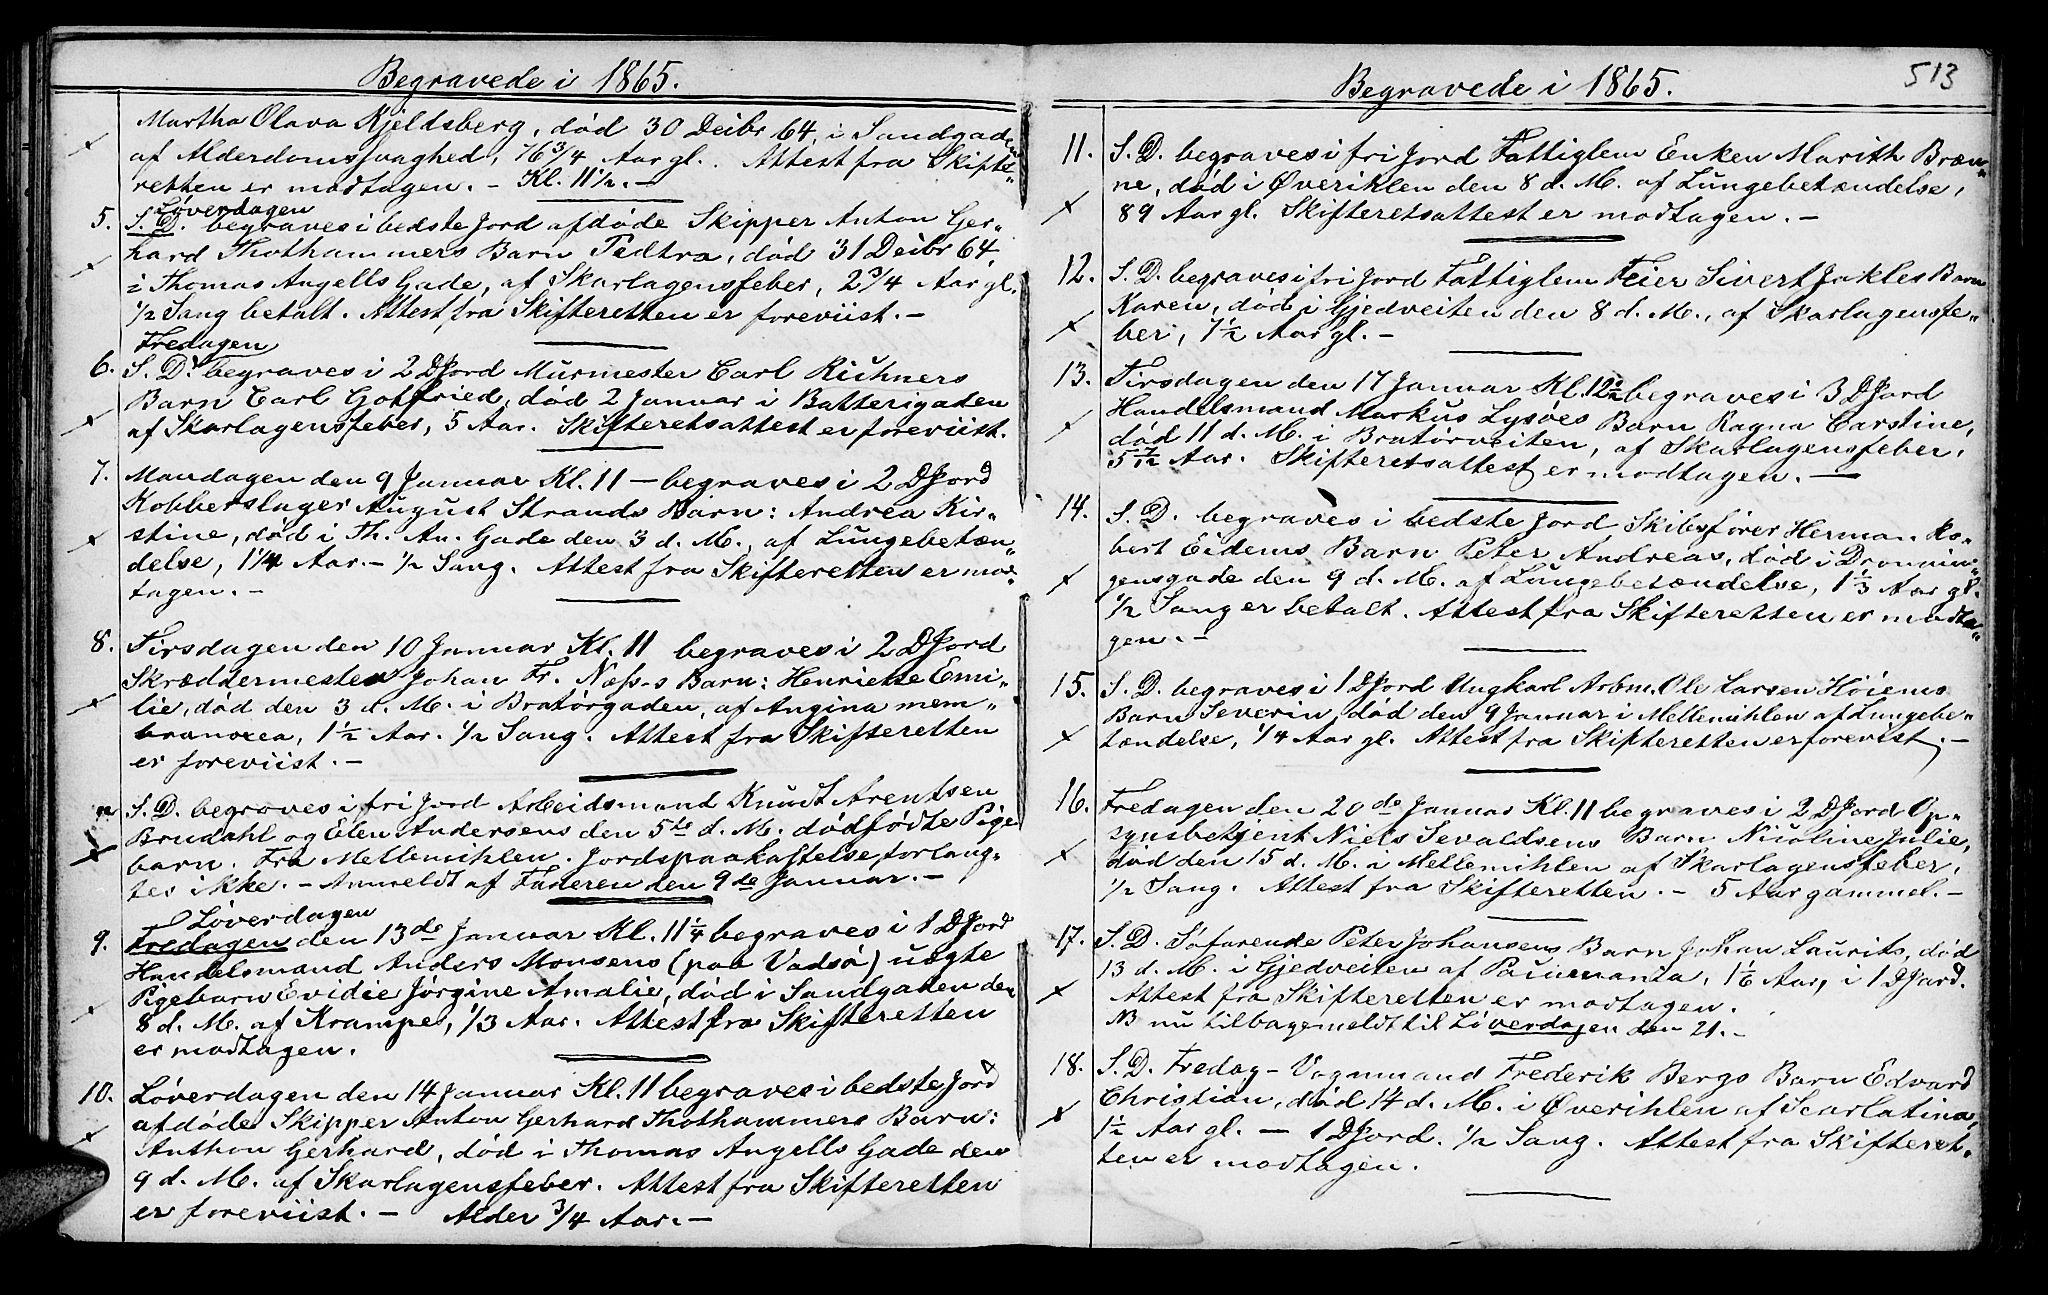 SAT, Ministerialprotokoller, klokkerbøker og fødselsregistre - Sør-Trøndelag, 602/L0140: Klokkerbok nr. 602C08, 1864-1872, s. 512-513